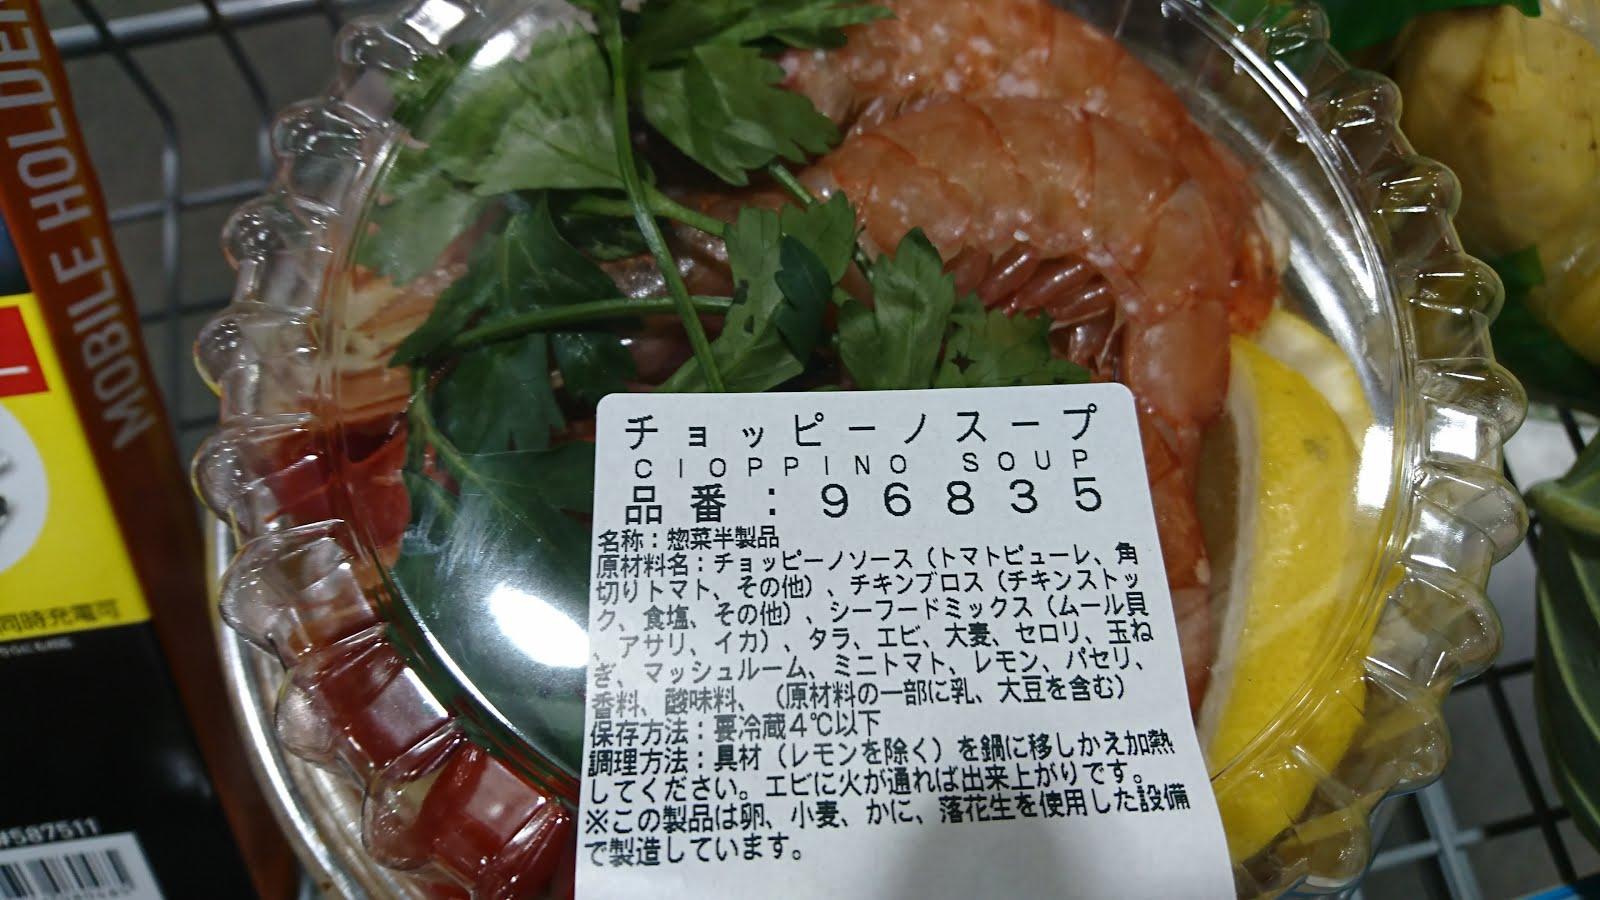 チョッピー ノ スープ コストコ